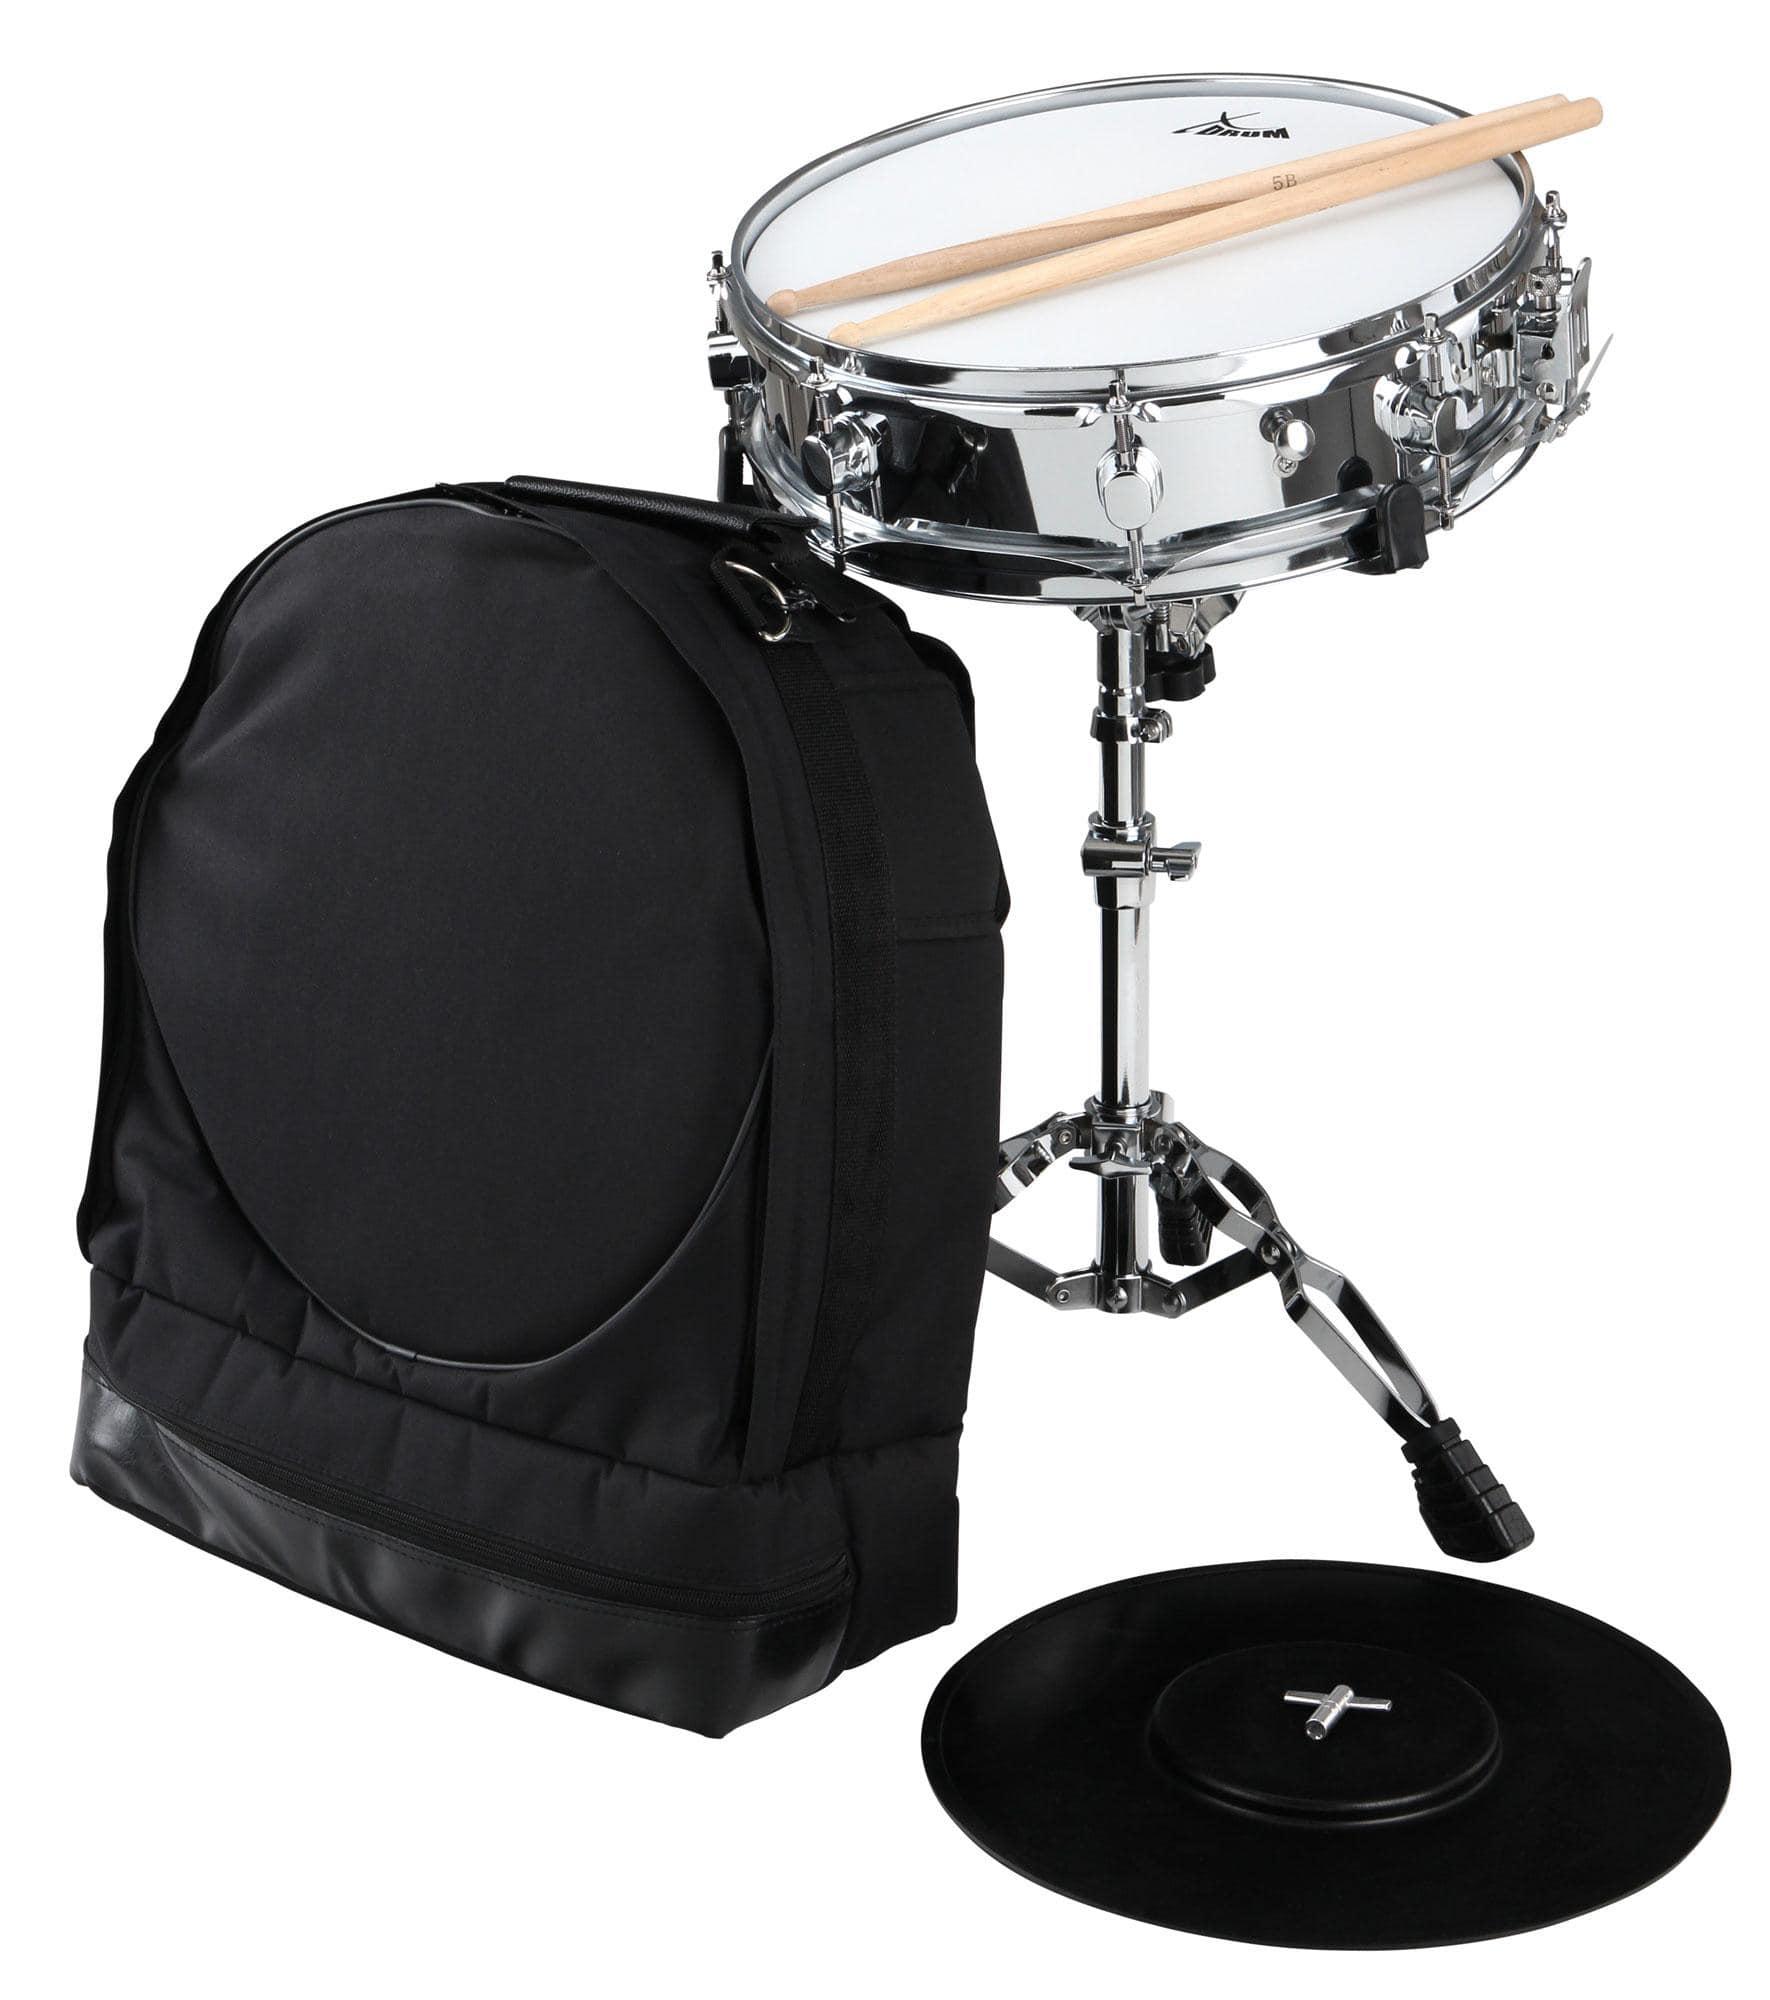 xdrum sd kit 1 snare drum starter set. Black Bedroom Furniture Sets. Home Design Ideas